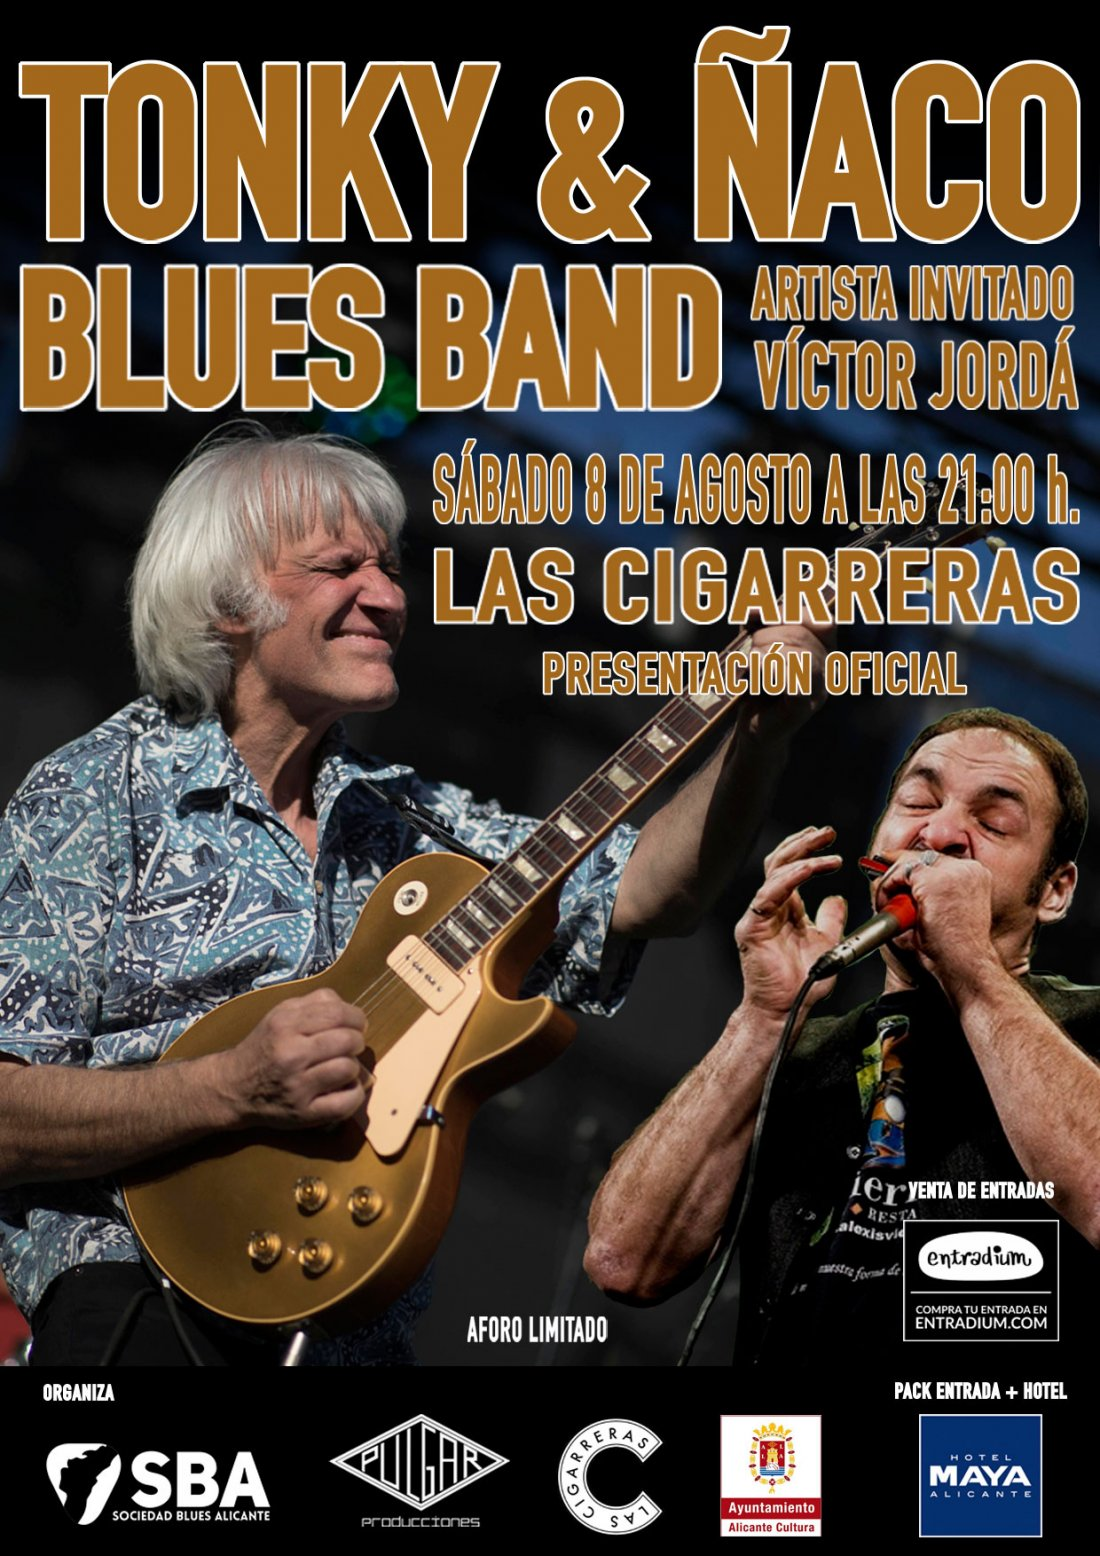 El blues está de enhorabuena: Tonky & Ñaco se reencuentran en Alicante en MÚSICA